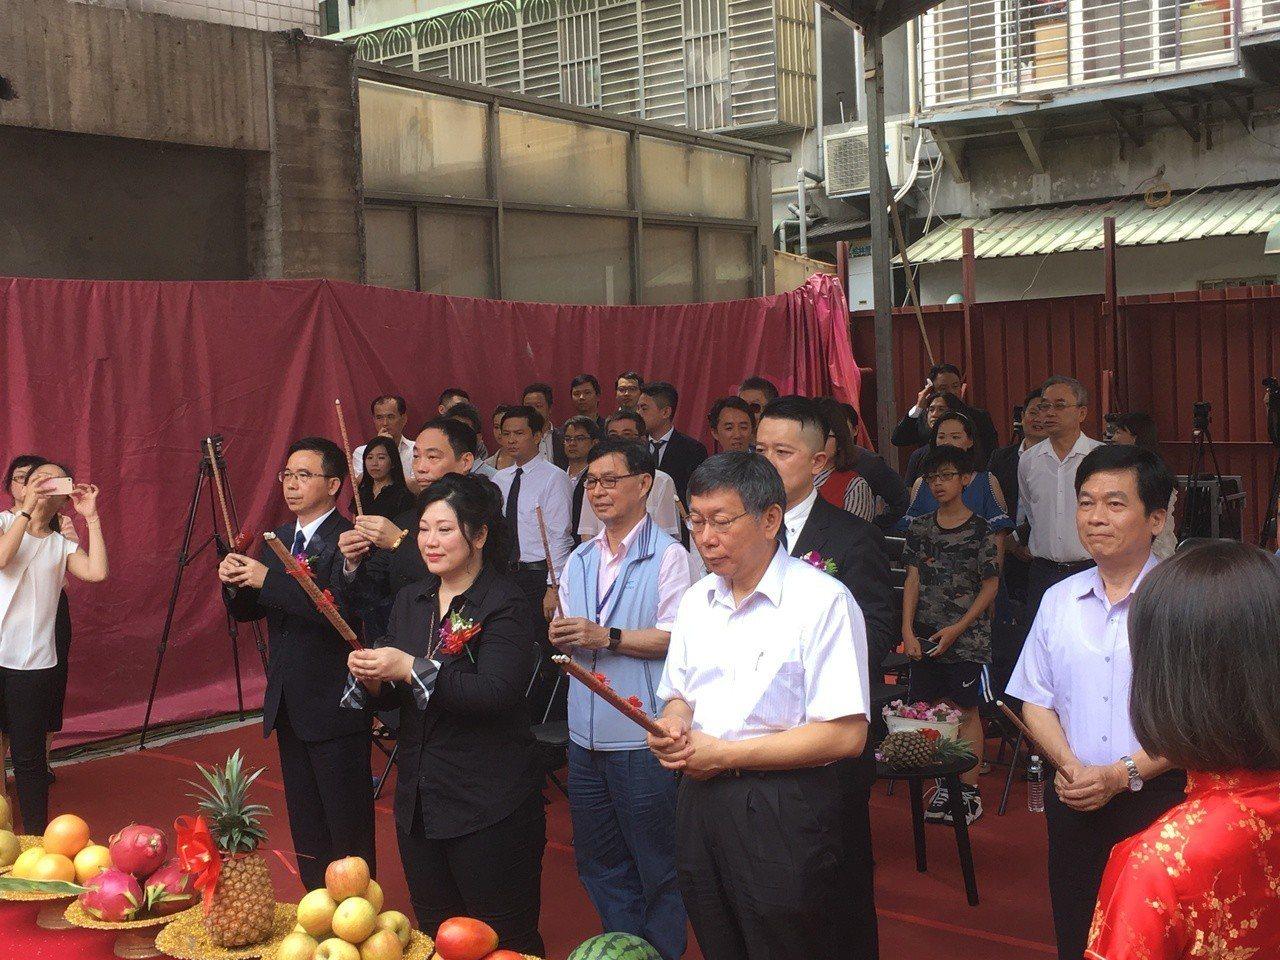 台北市長柯文哲今天上午出席台北市首件危老重建案開工典禮。記者張世杰/攝影